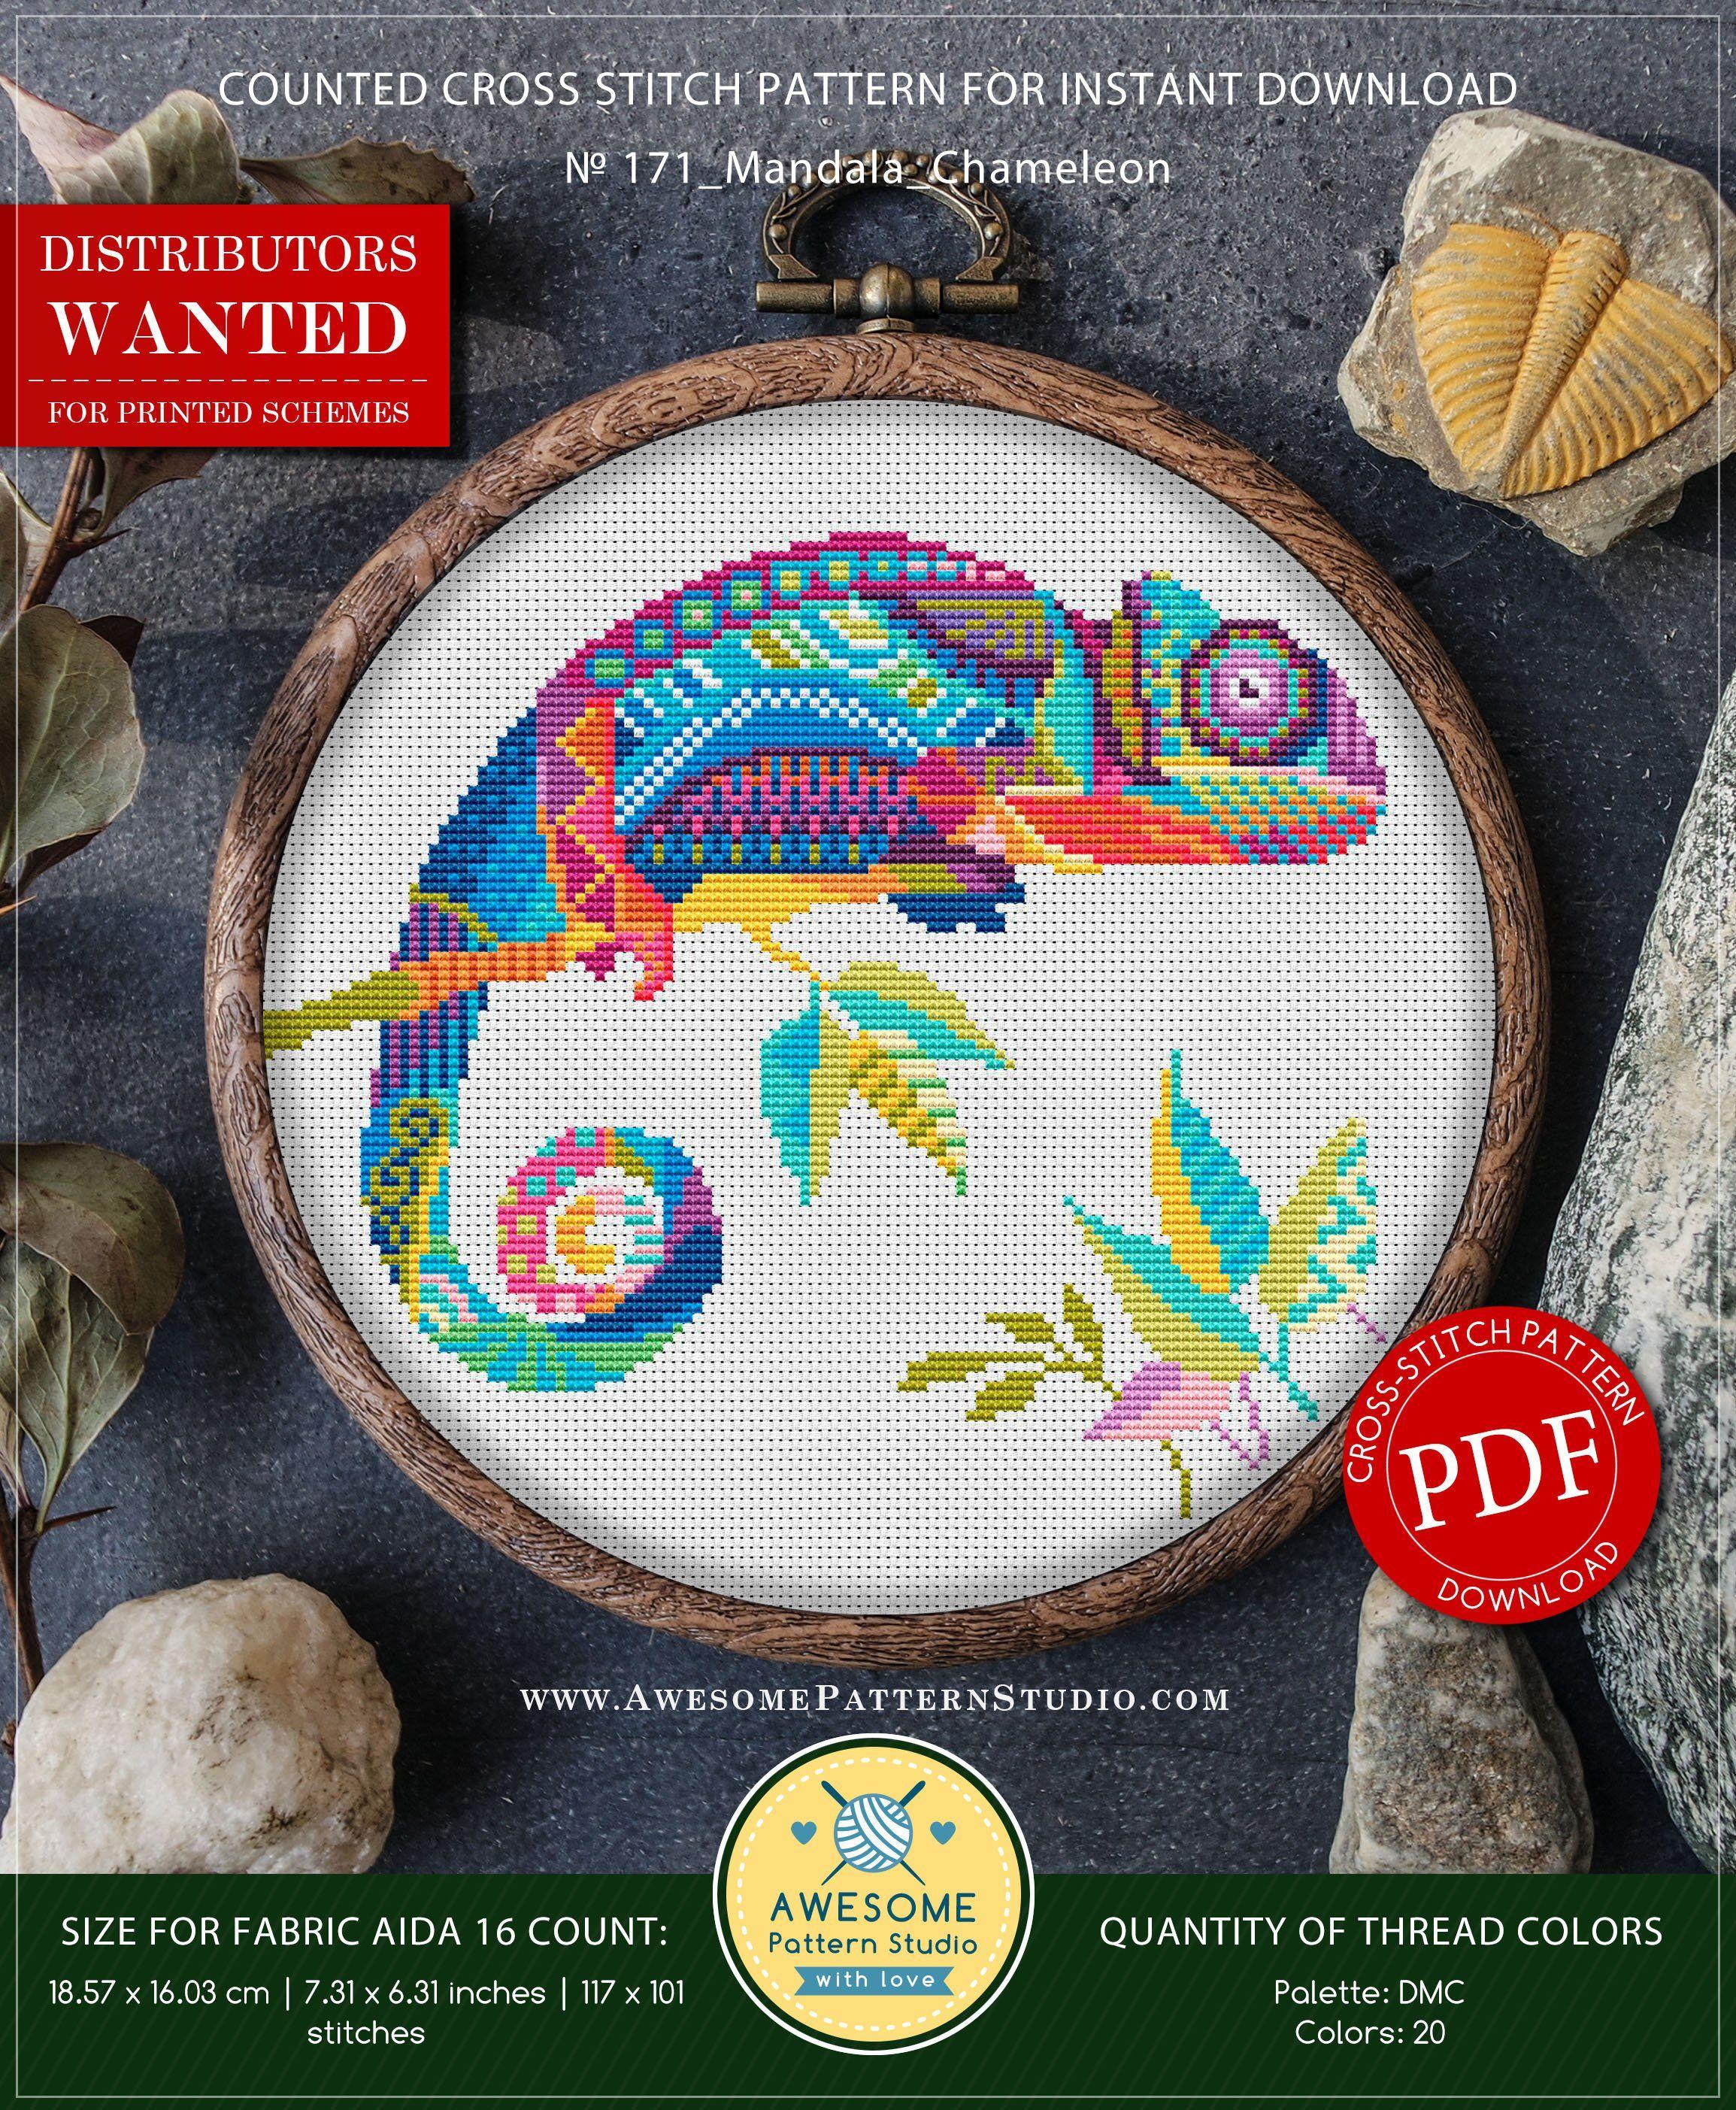 Mandala Chameleon P171 Embroidery Cross Stitch Pattern | Etsy